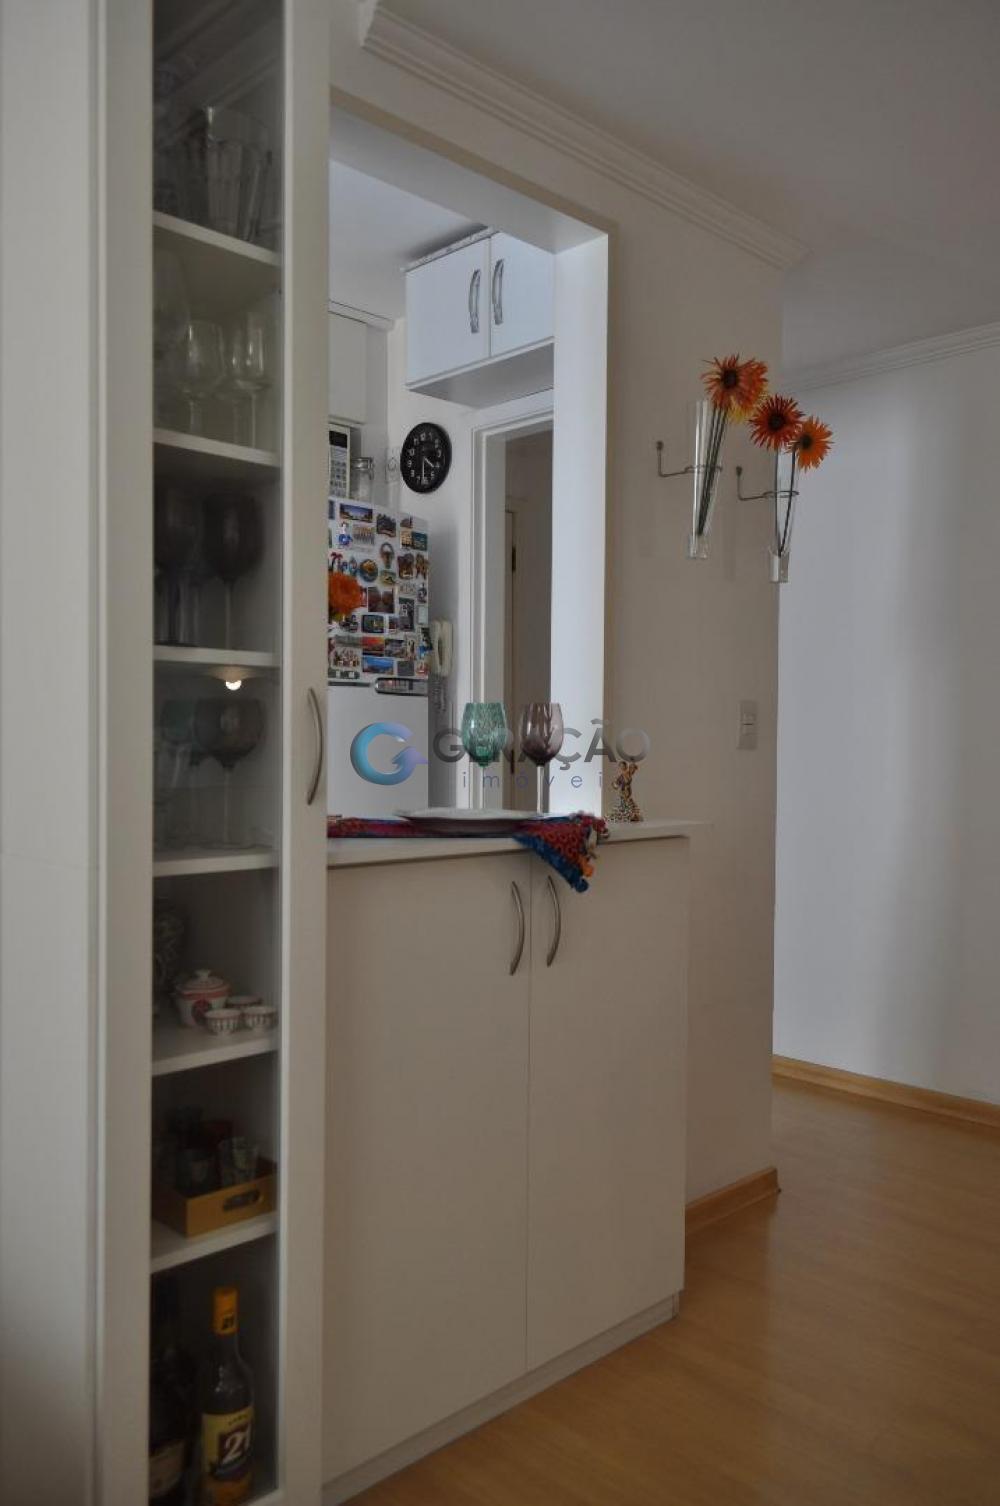 Comprar Apartamento / Padrão em São José dos Campos apenas R$ 240.000,00 - Foto 7